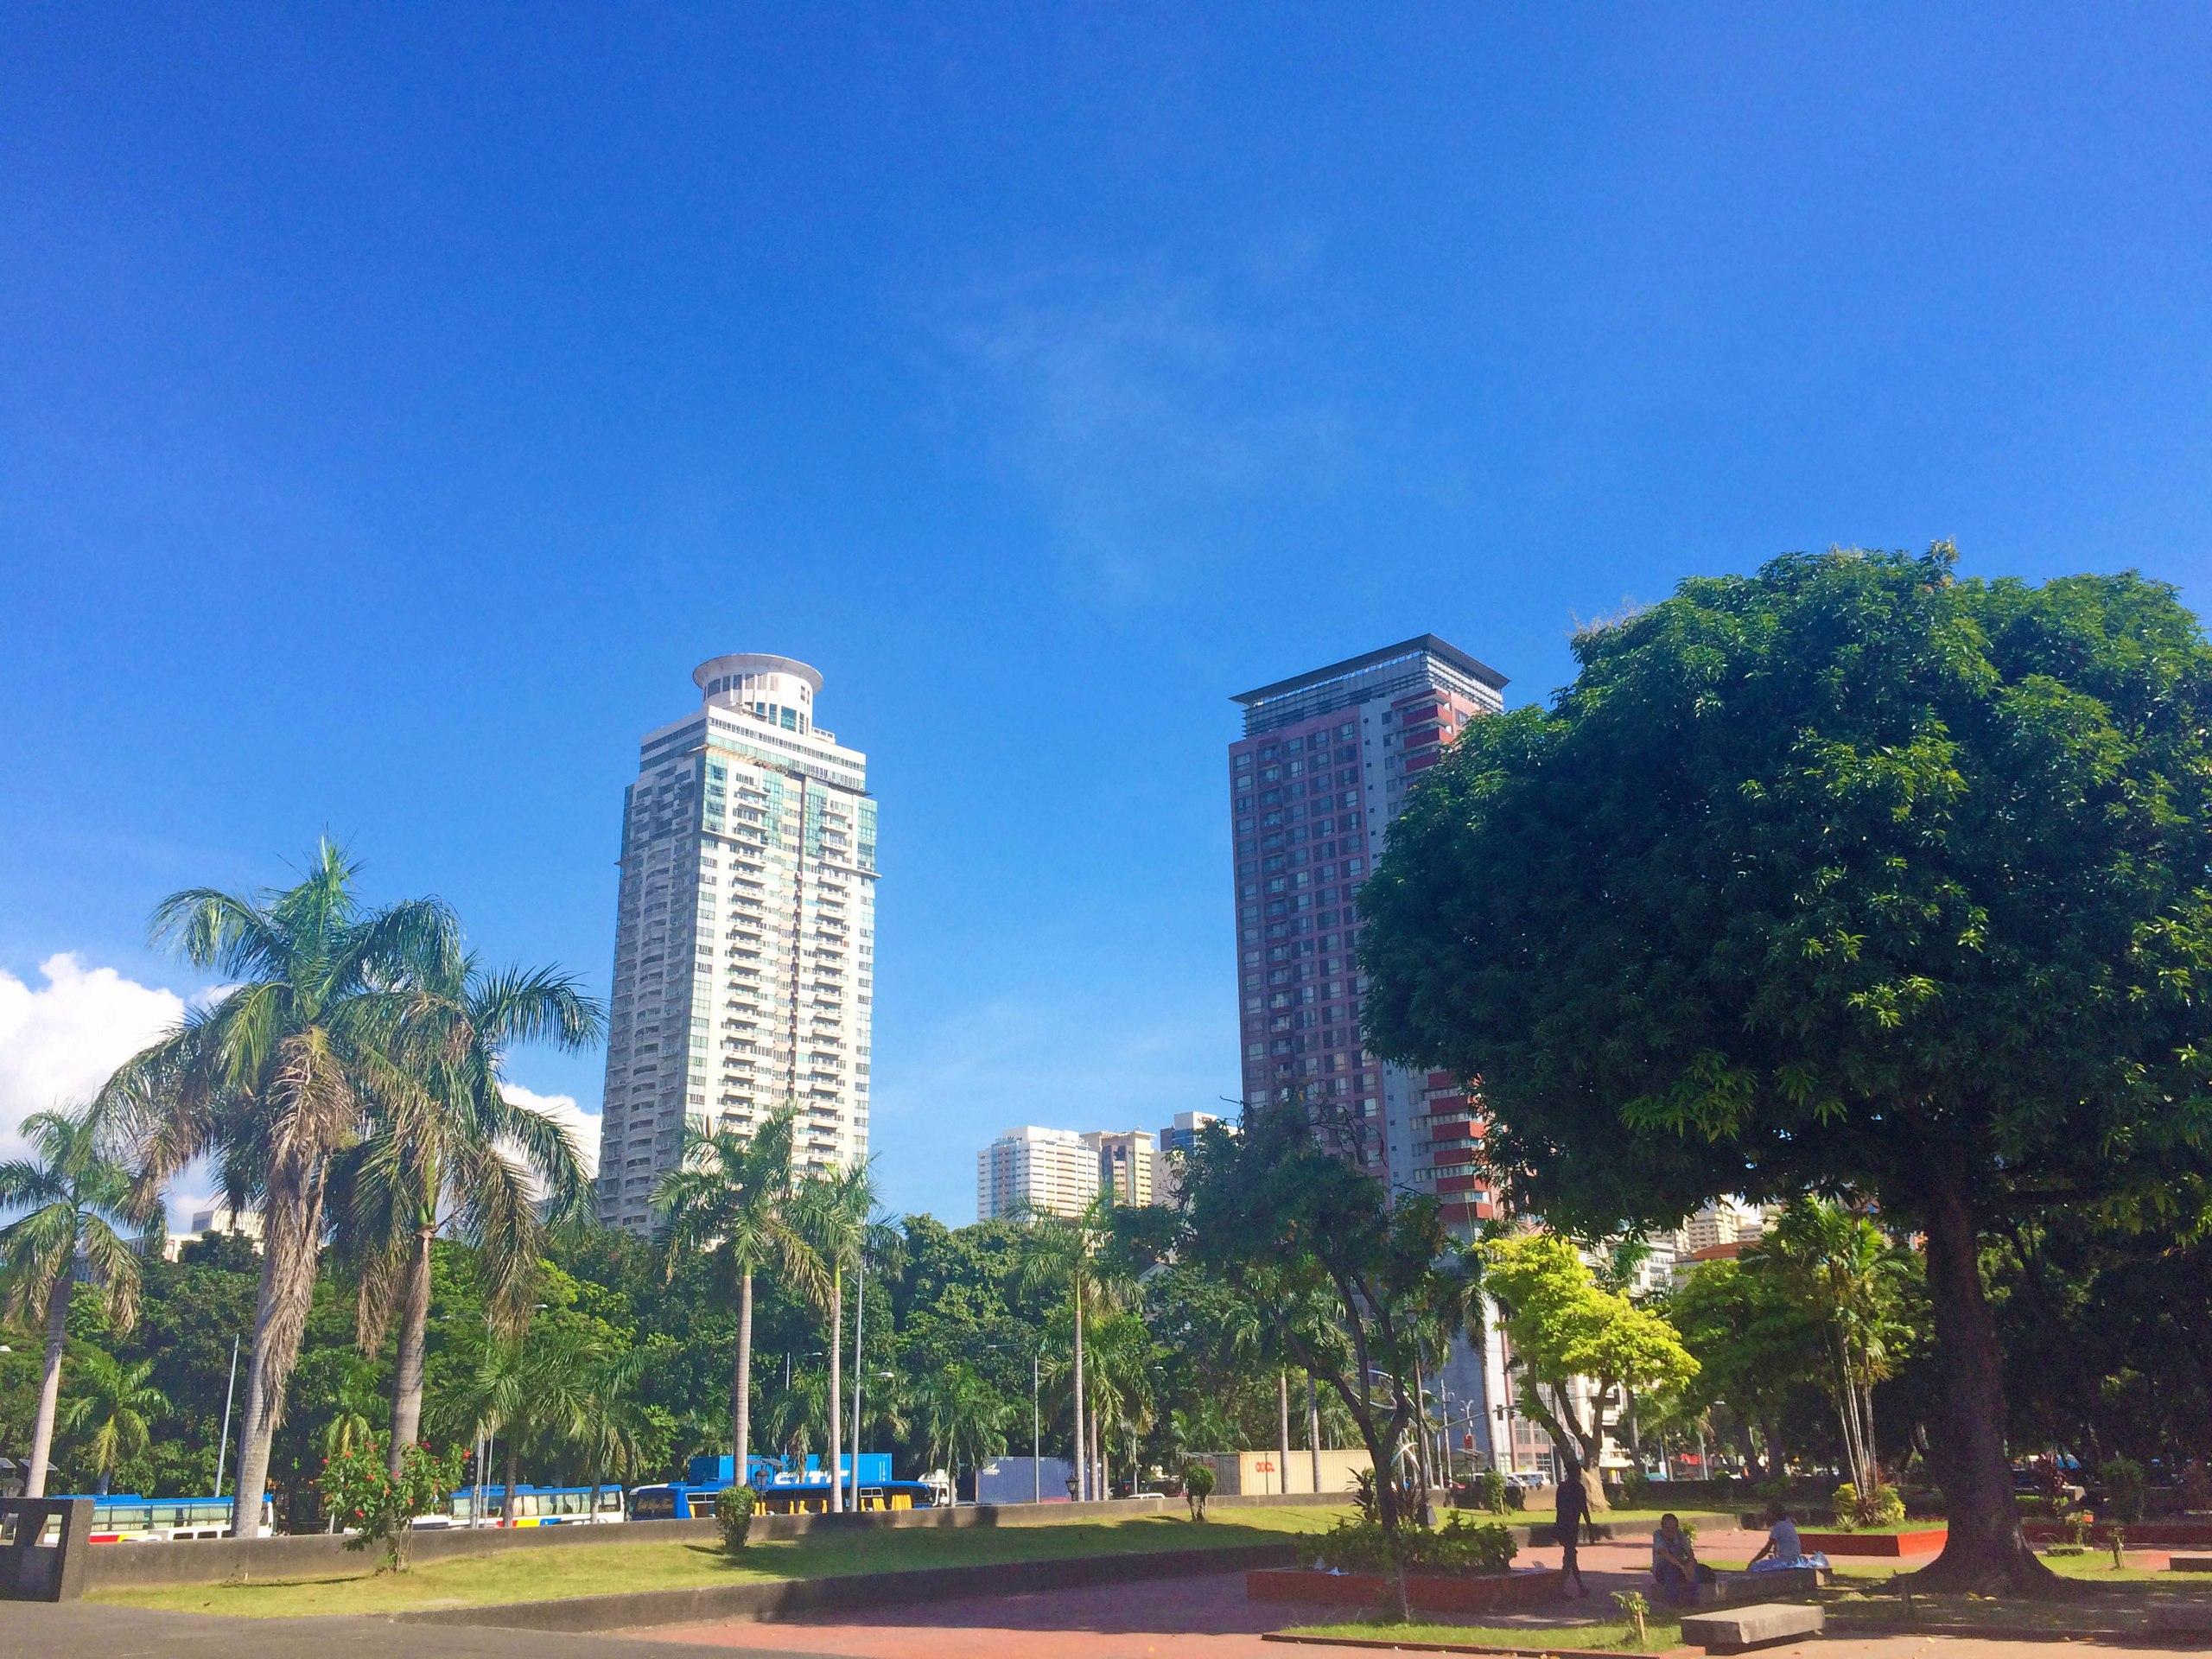 Путешествие к далеким берегам: Манила, Легазпи, Ослоб, Эль Нидо